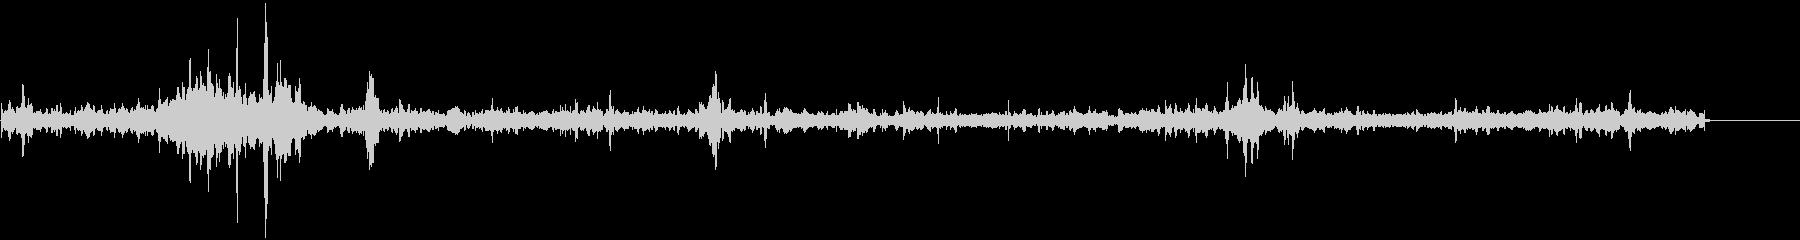 エイリアン伝送;不明瞭な振動音と静...の未再生の波形